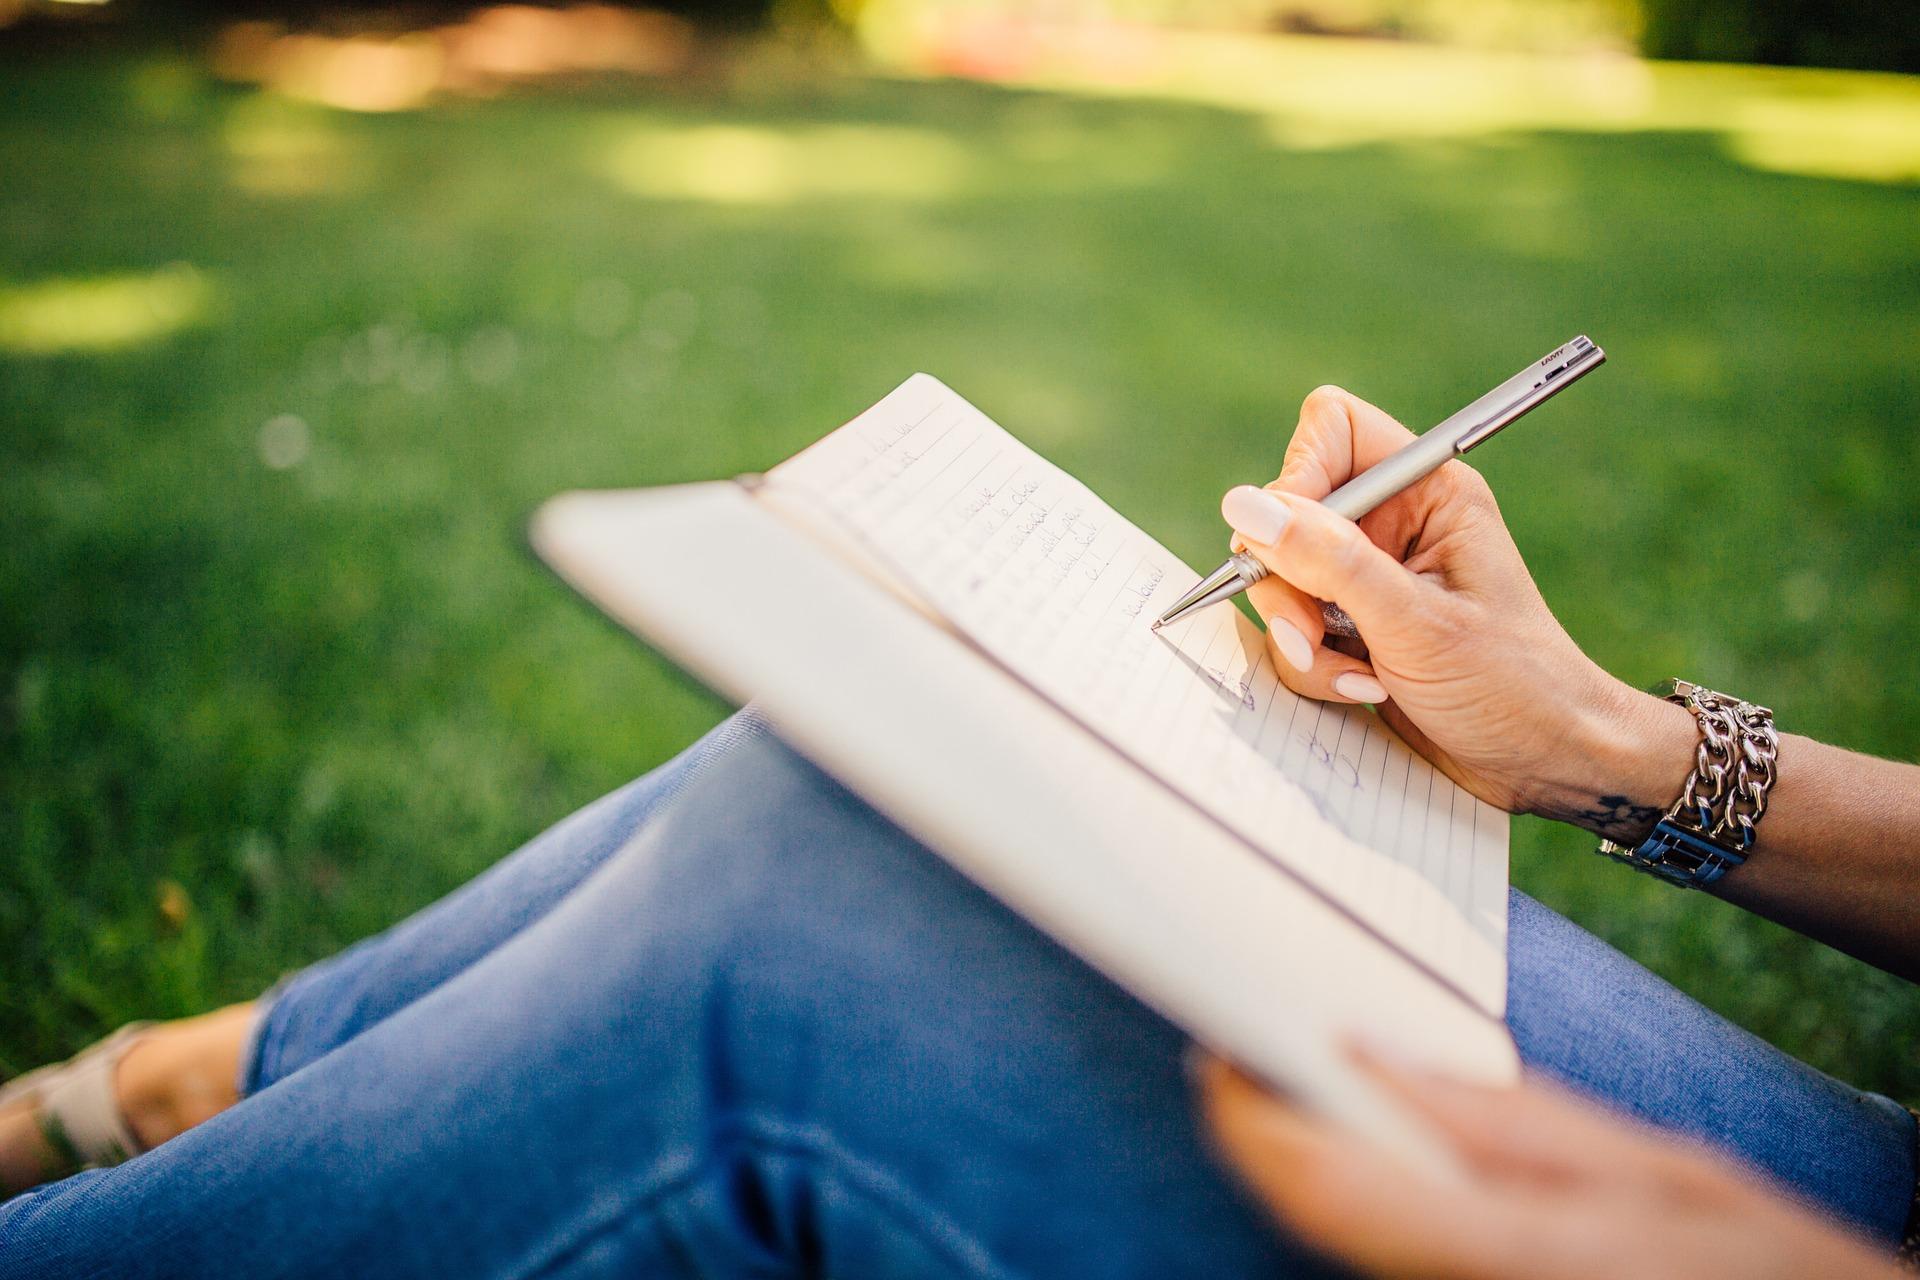 Devenir rédacteur web: pourquoi ouvrir une micro-entreprise?